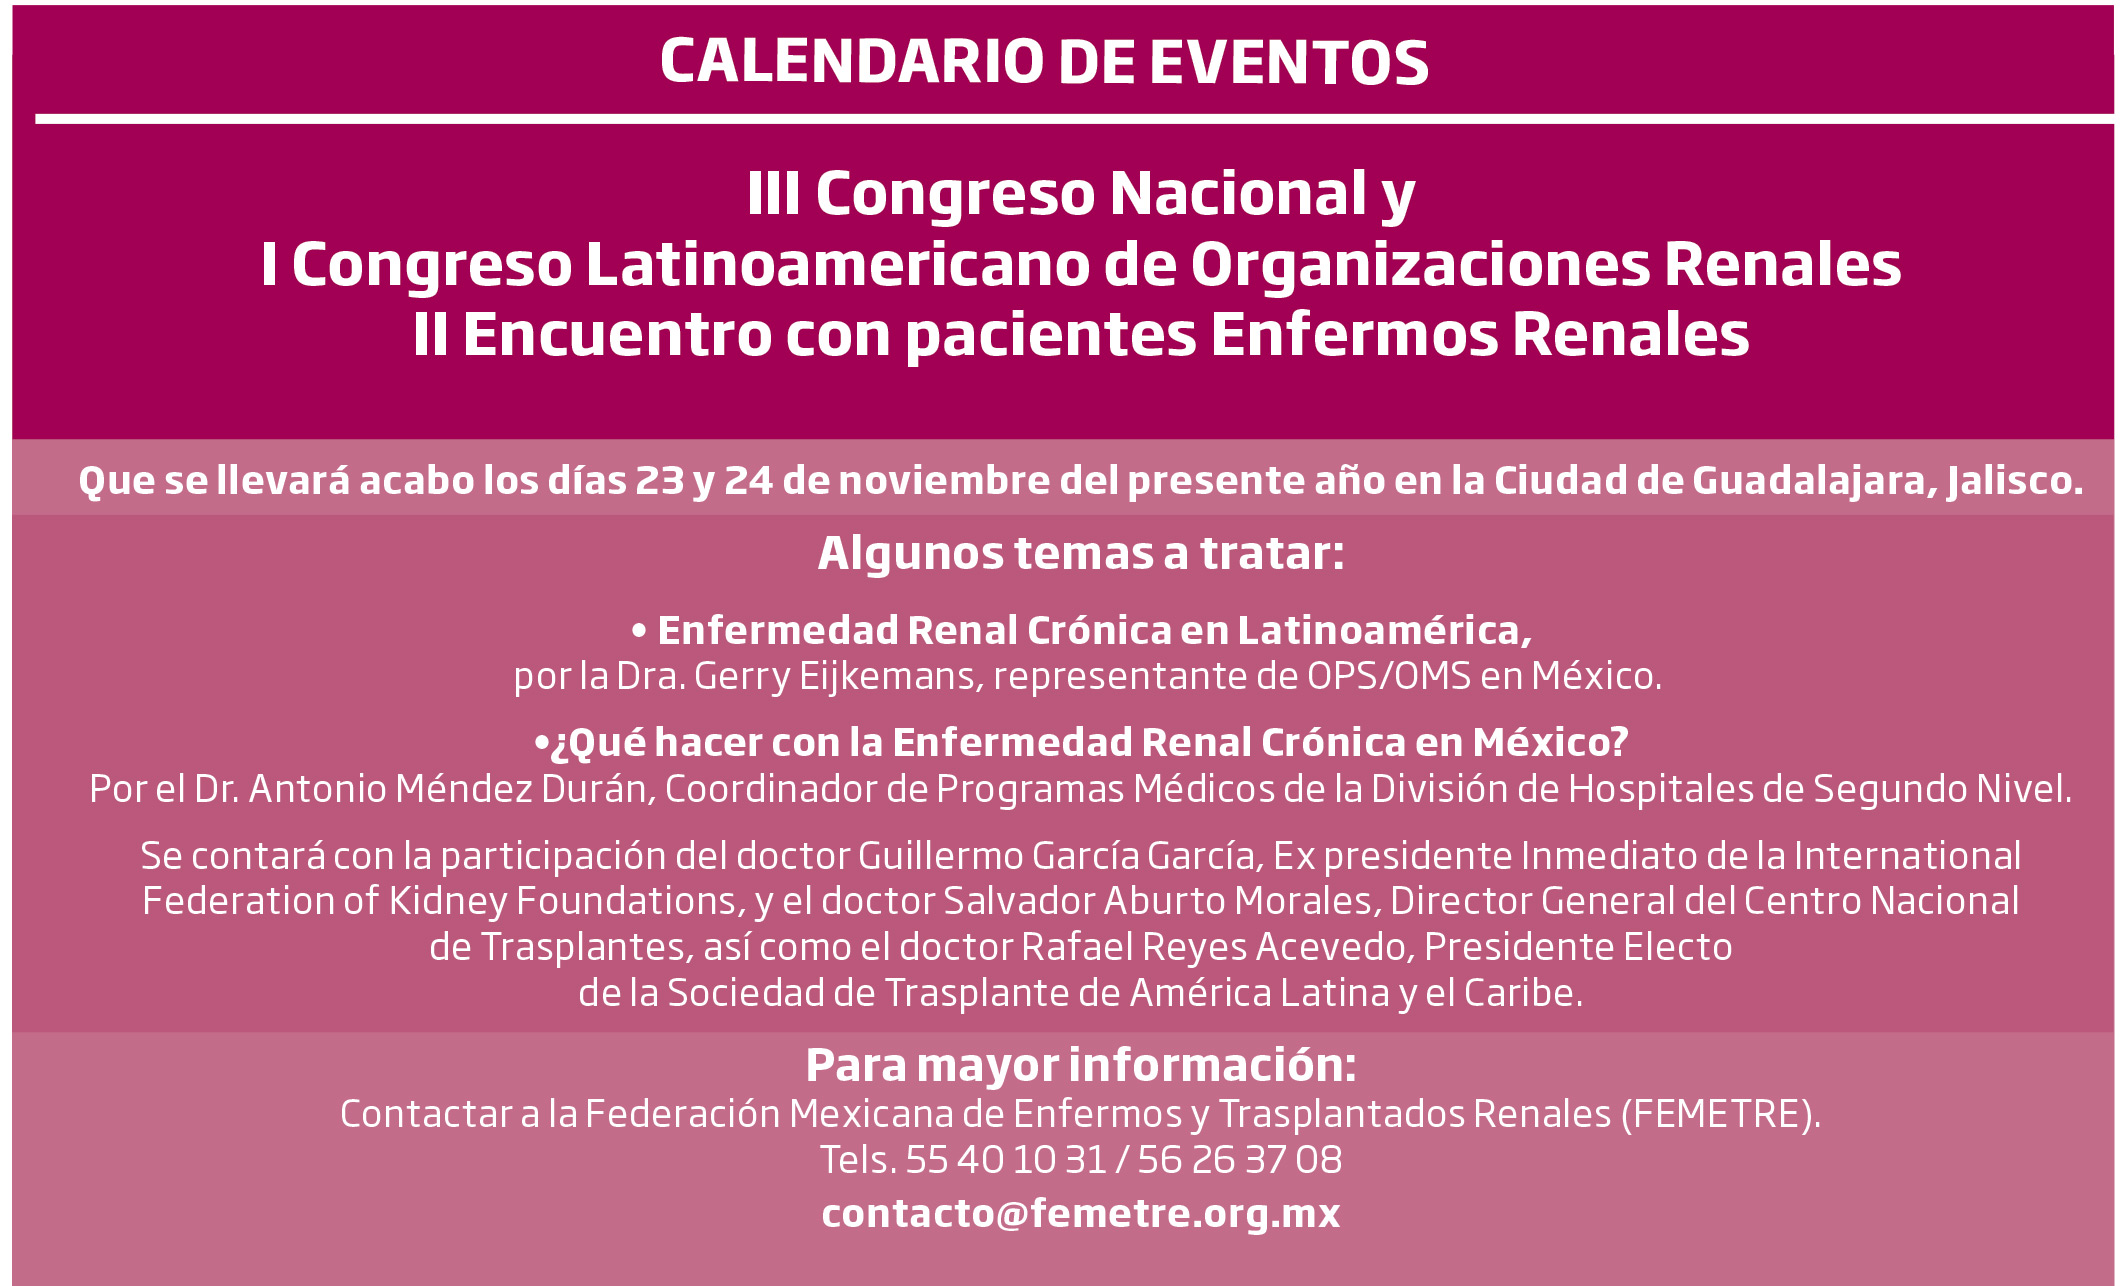 calendario-evento